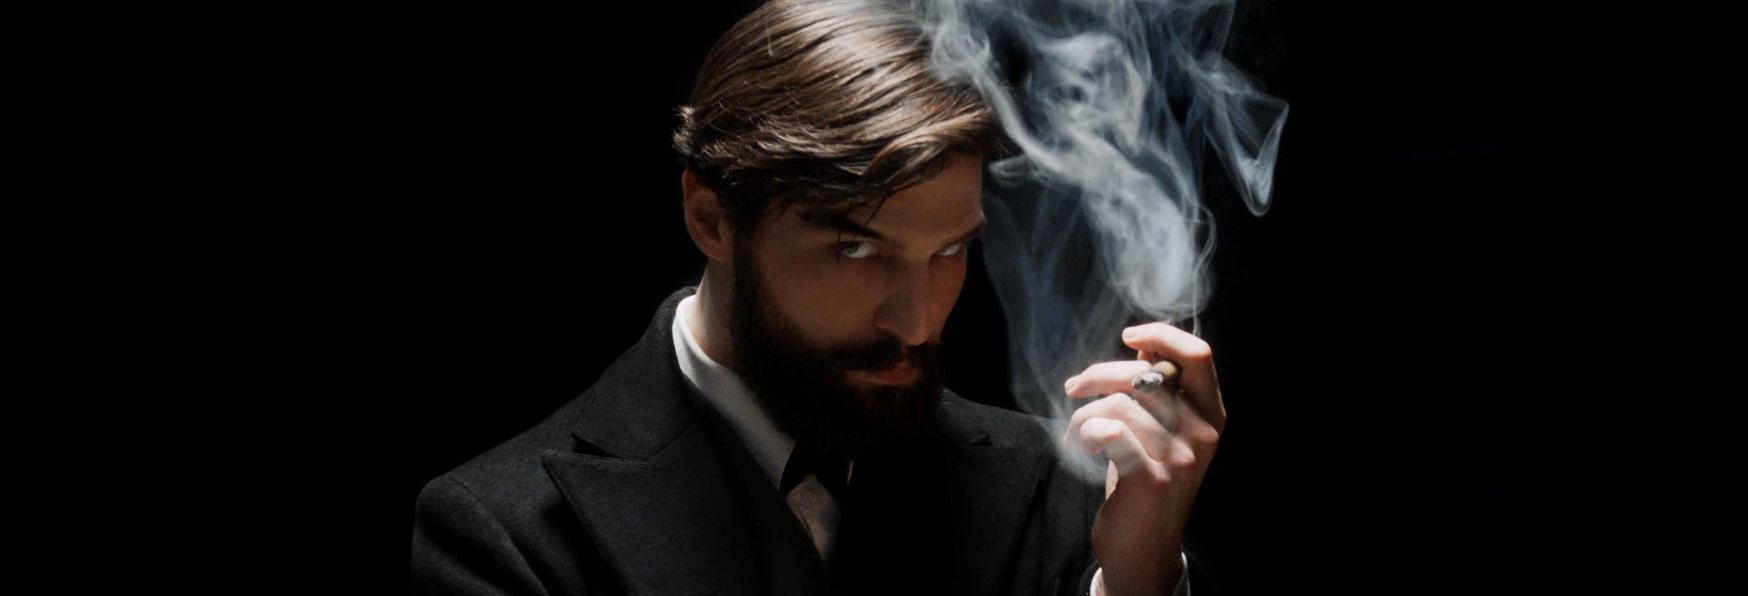 Freud: Trama, Cast e molte altre Informazioni sull'attesa Serie TV di Netflix